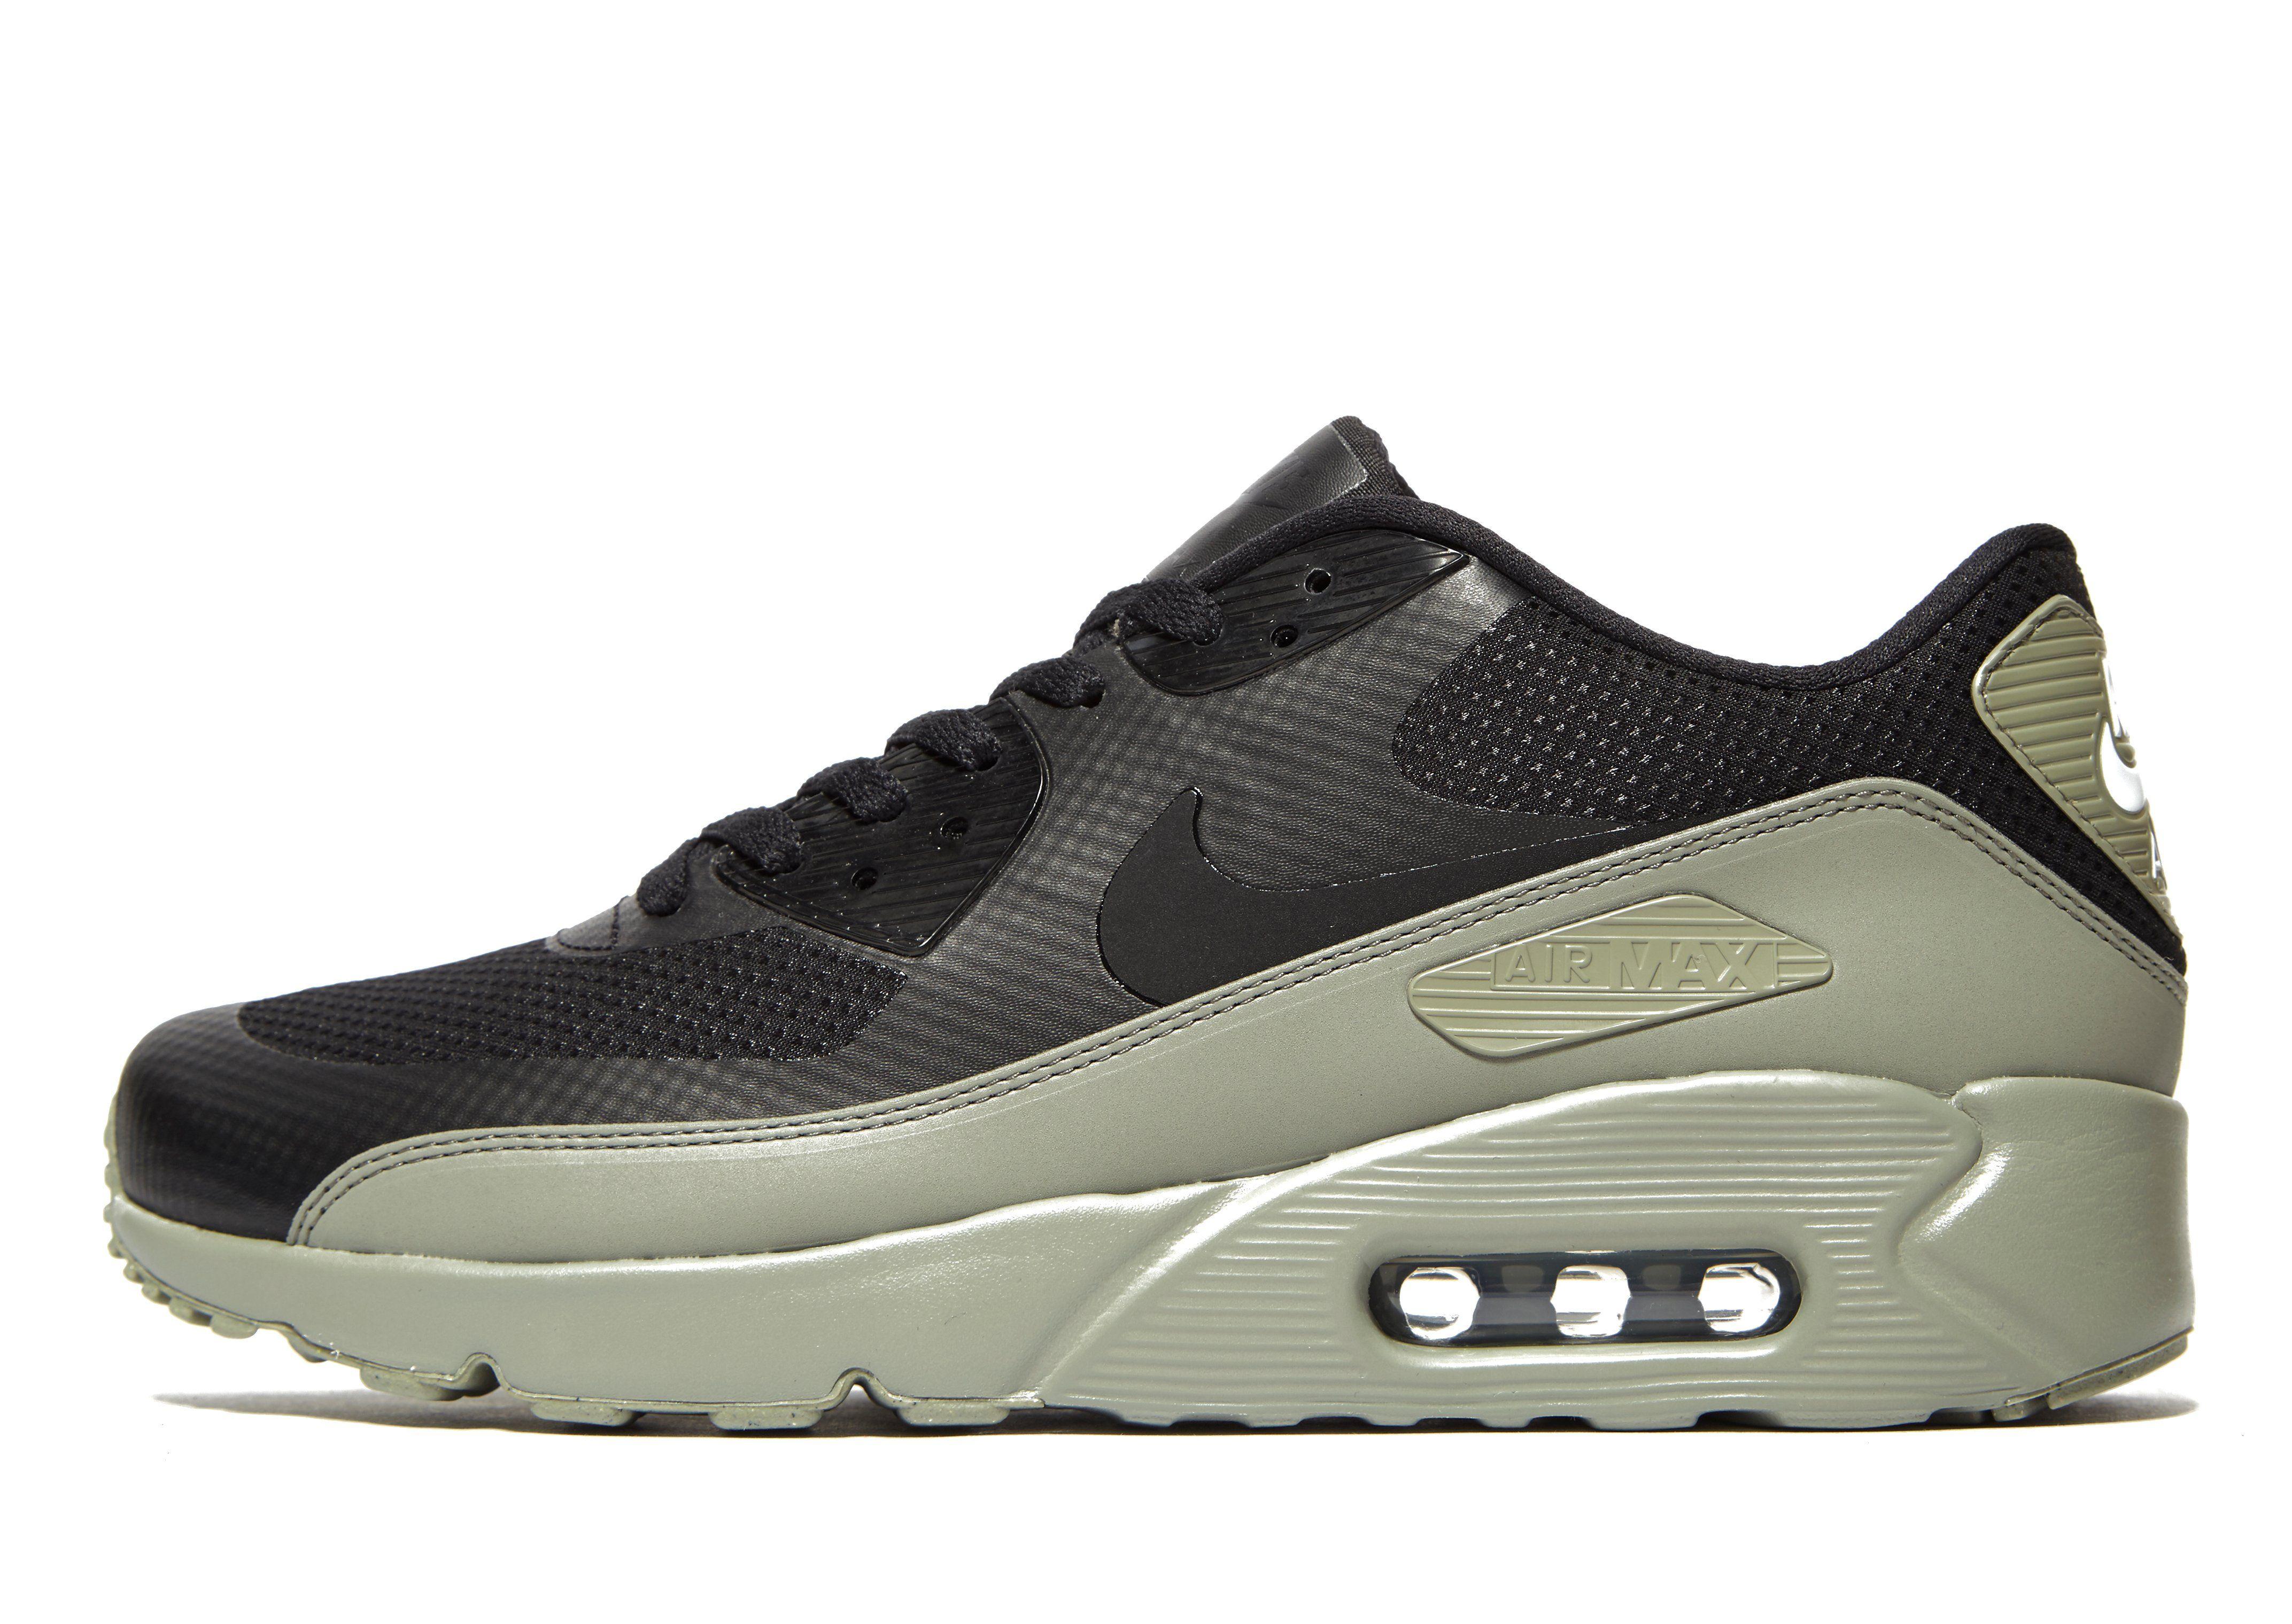 8eb48299b5d0 Nike Air Max 90 Ultra Essential